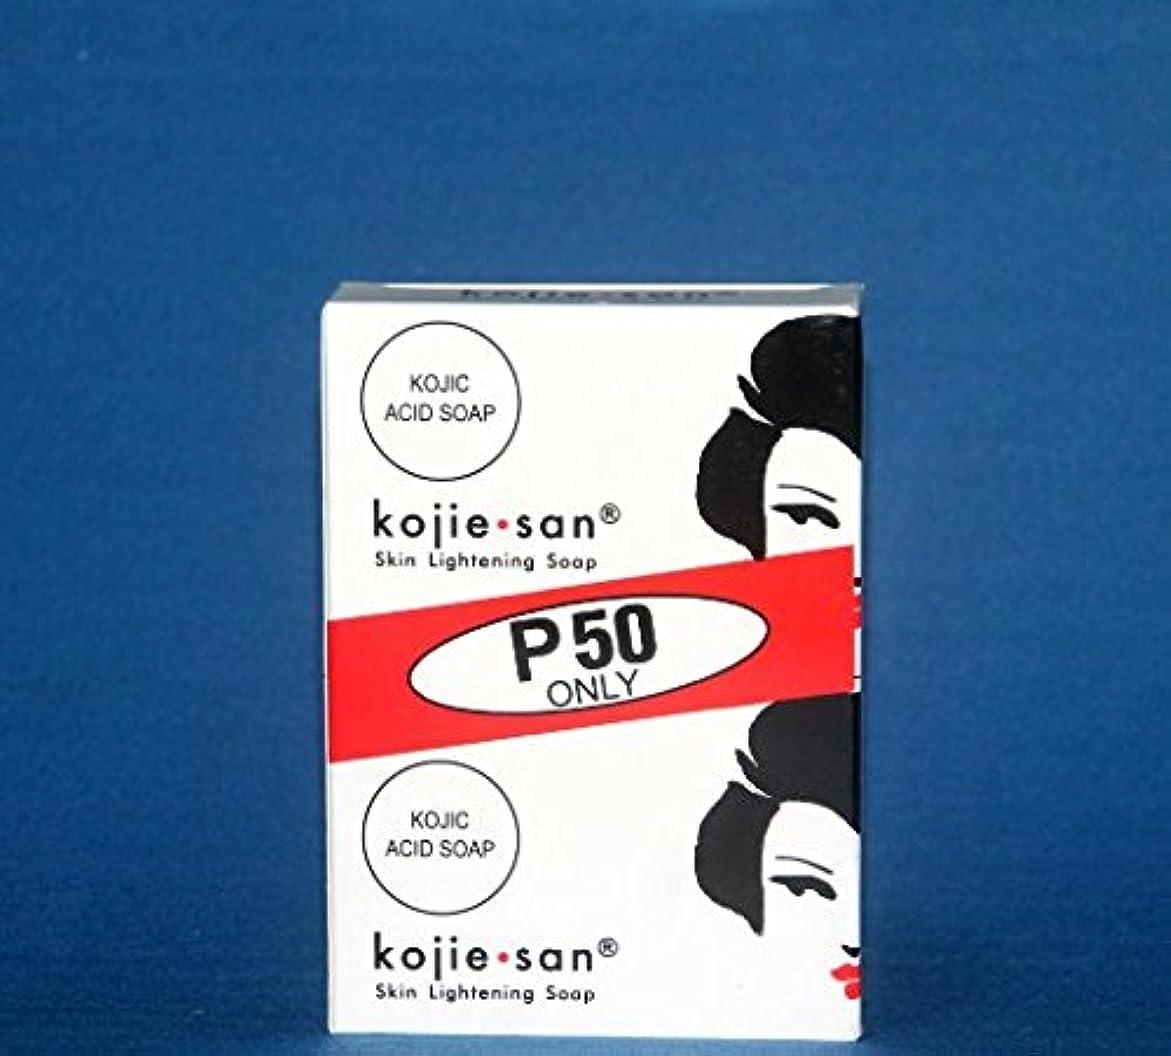 開いたグレードやりがいのあるKojie san Skin Lightening Soap 2 pcs こじえさん スキンライトニングソープ 2個 パック [並行輸入品]